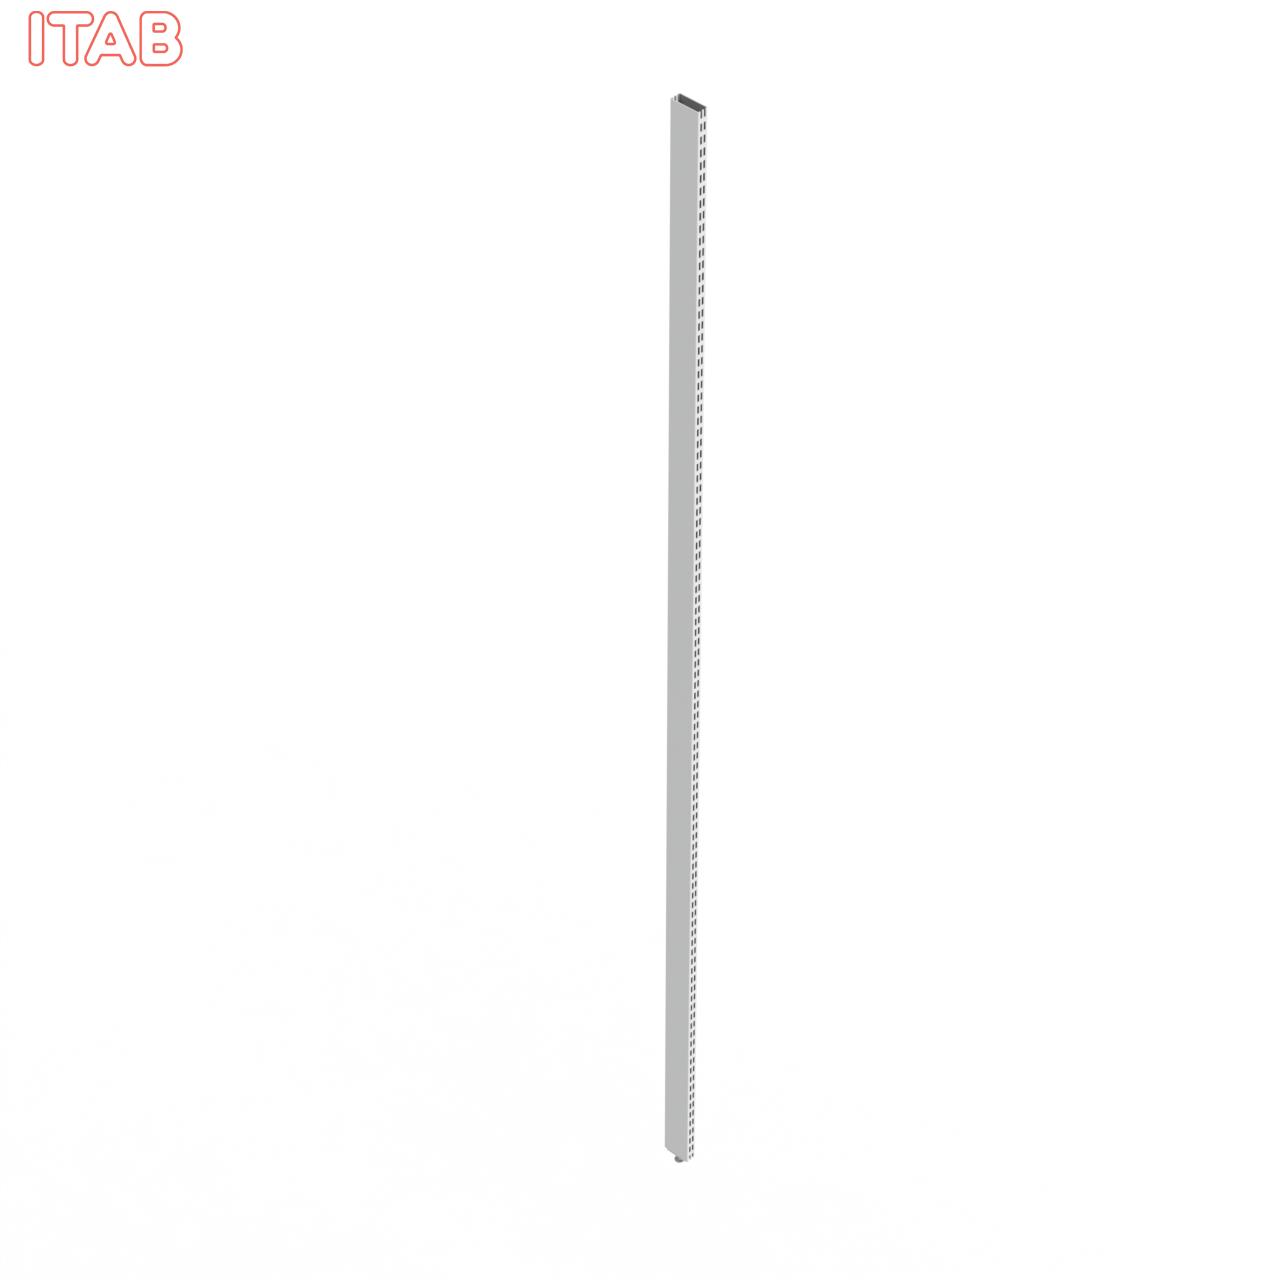 Säätöputki+Tallat 3x8x200